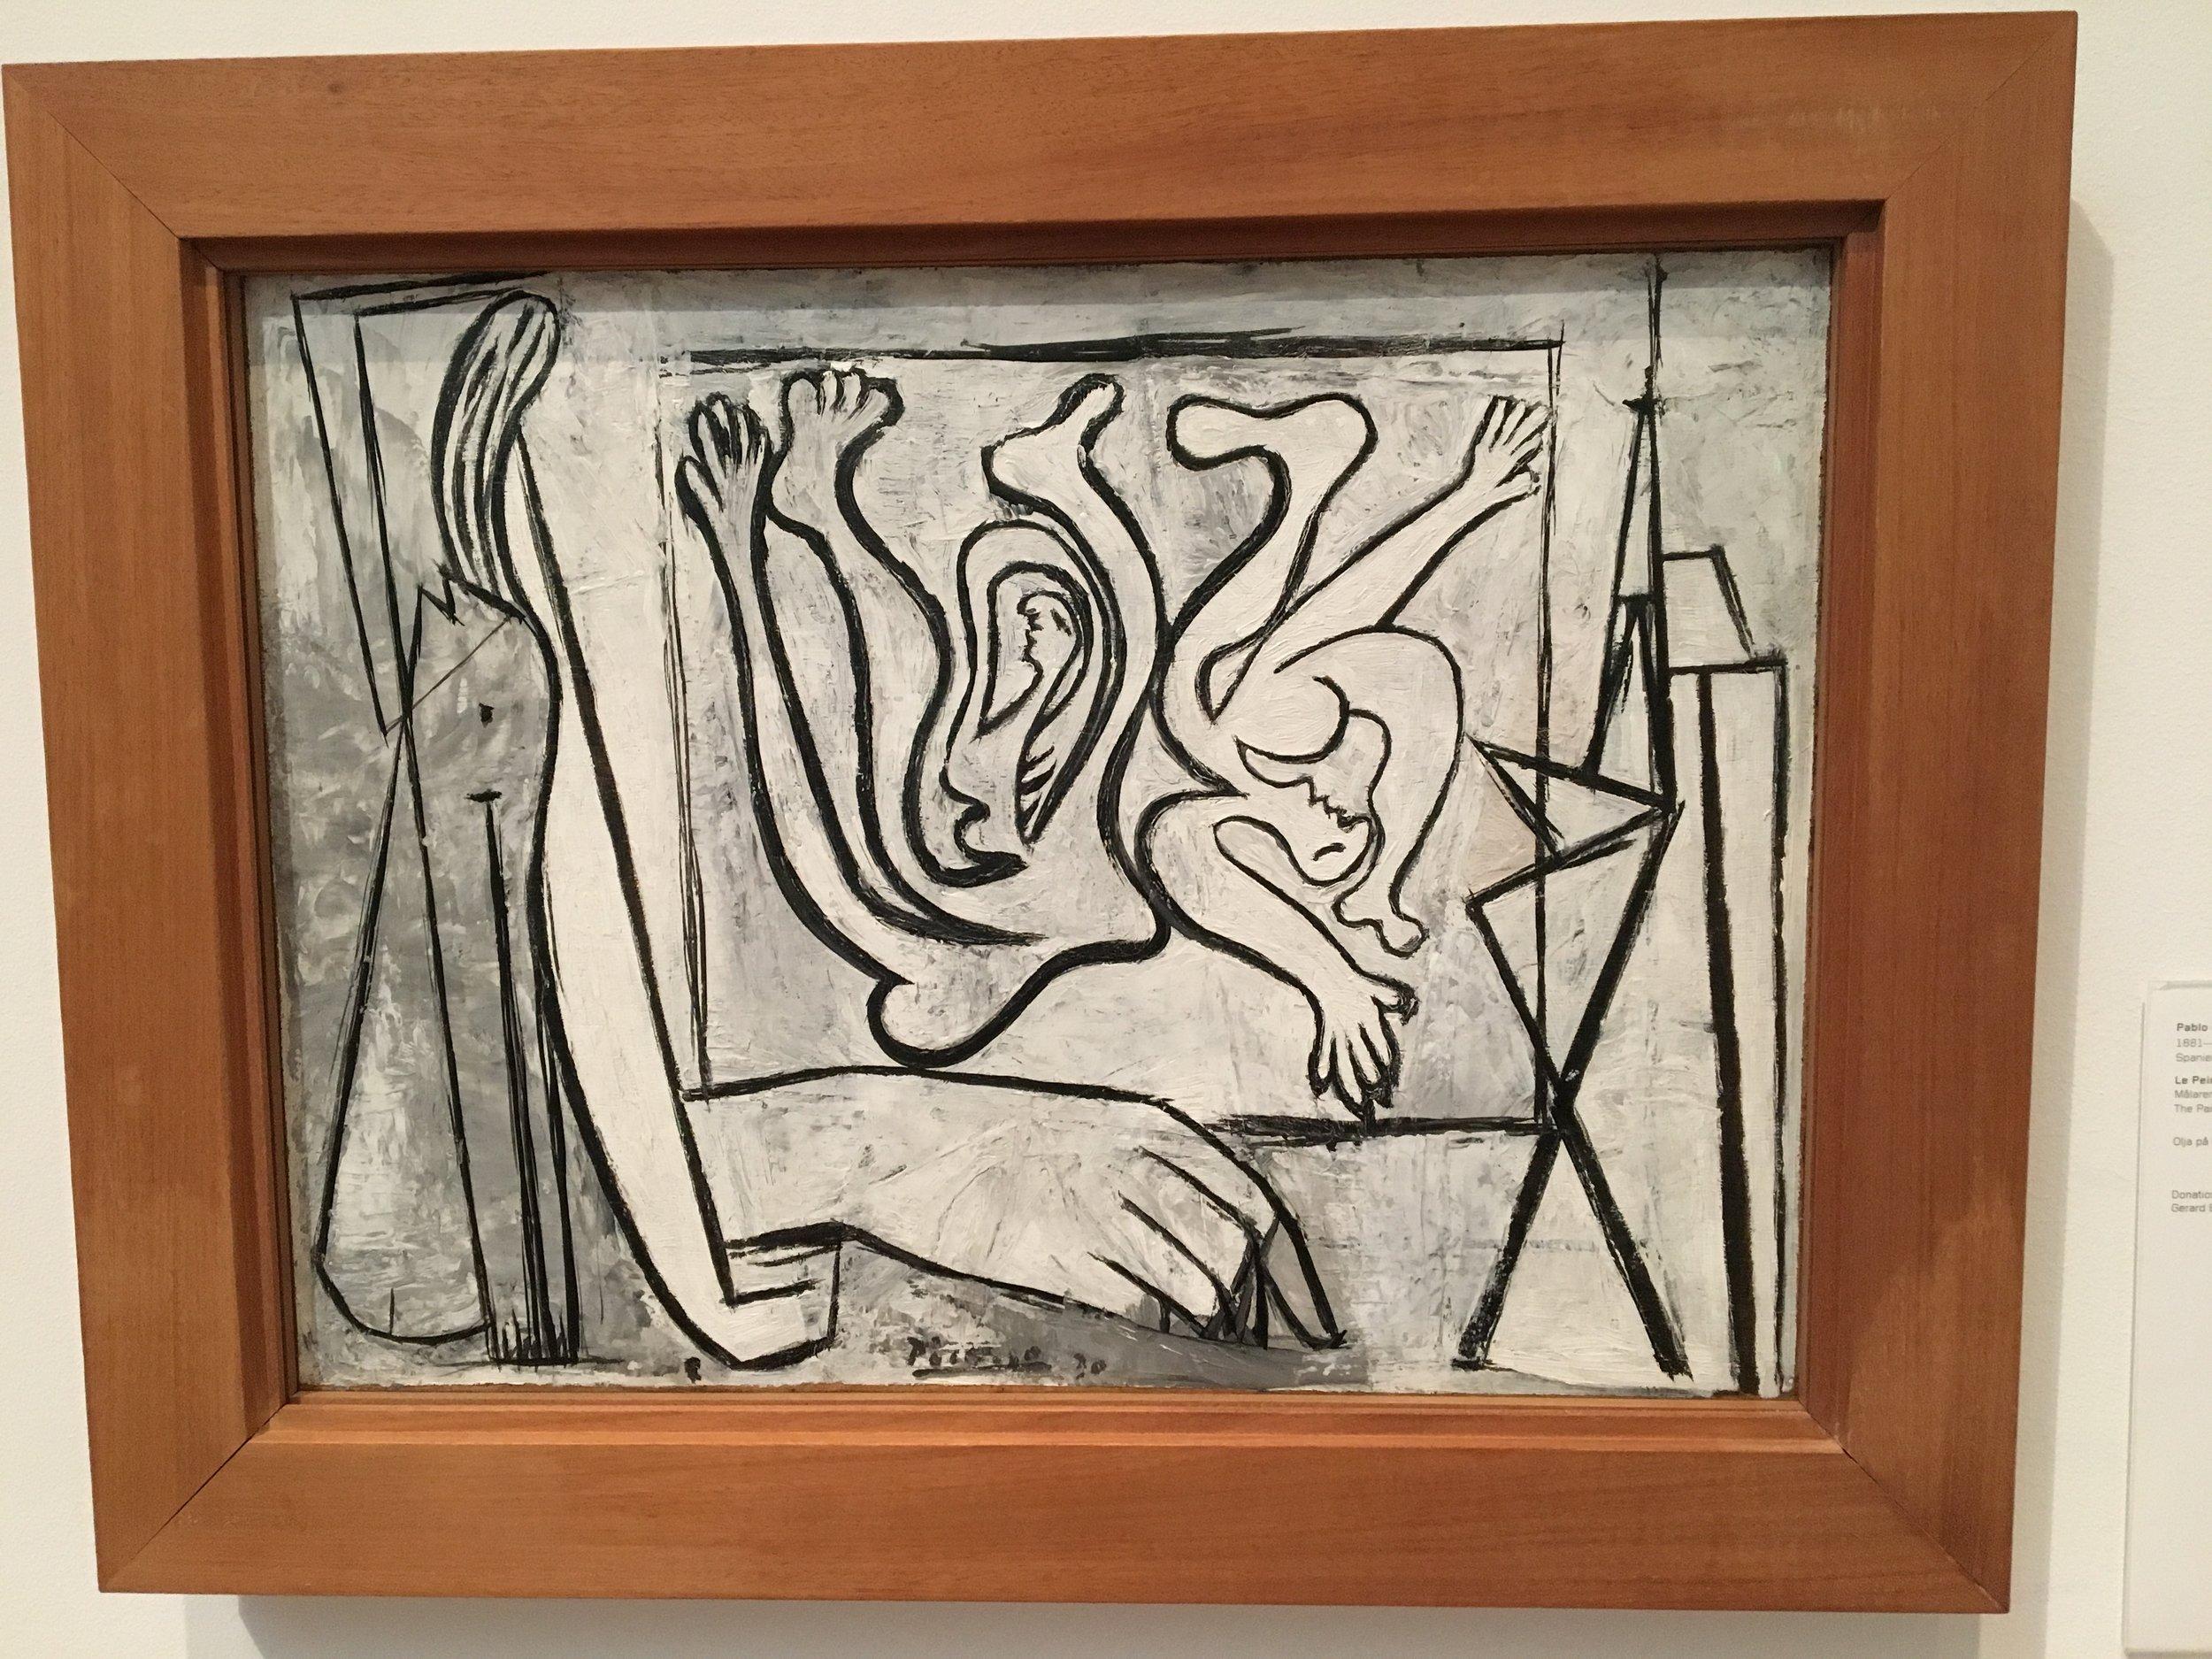 Jeg har nettopp lest ferdig en bok om Picasso, så det passet glimrende å se no snacks live.